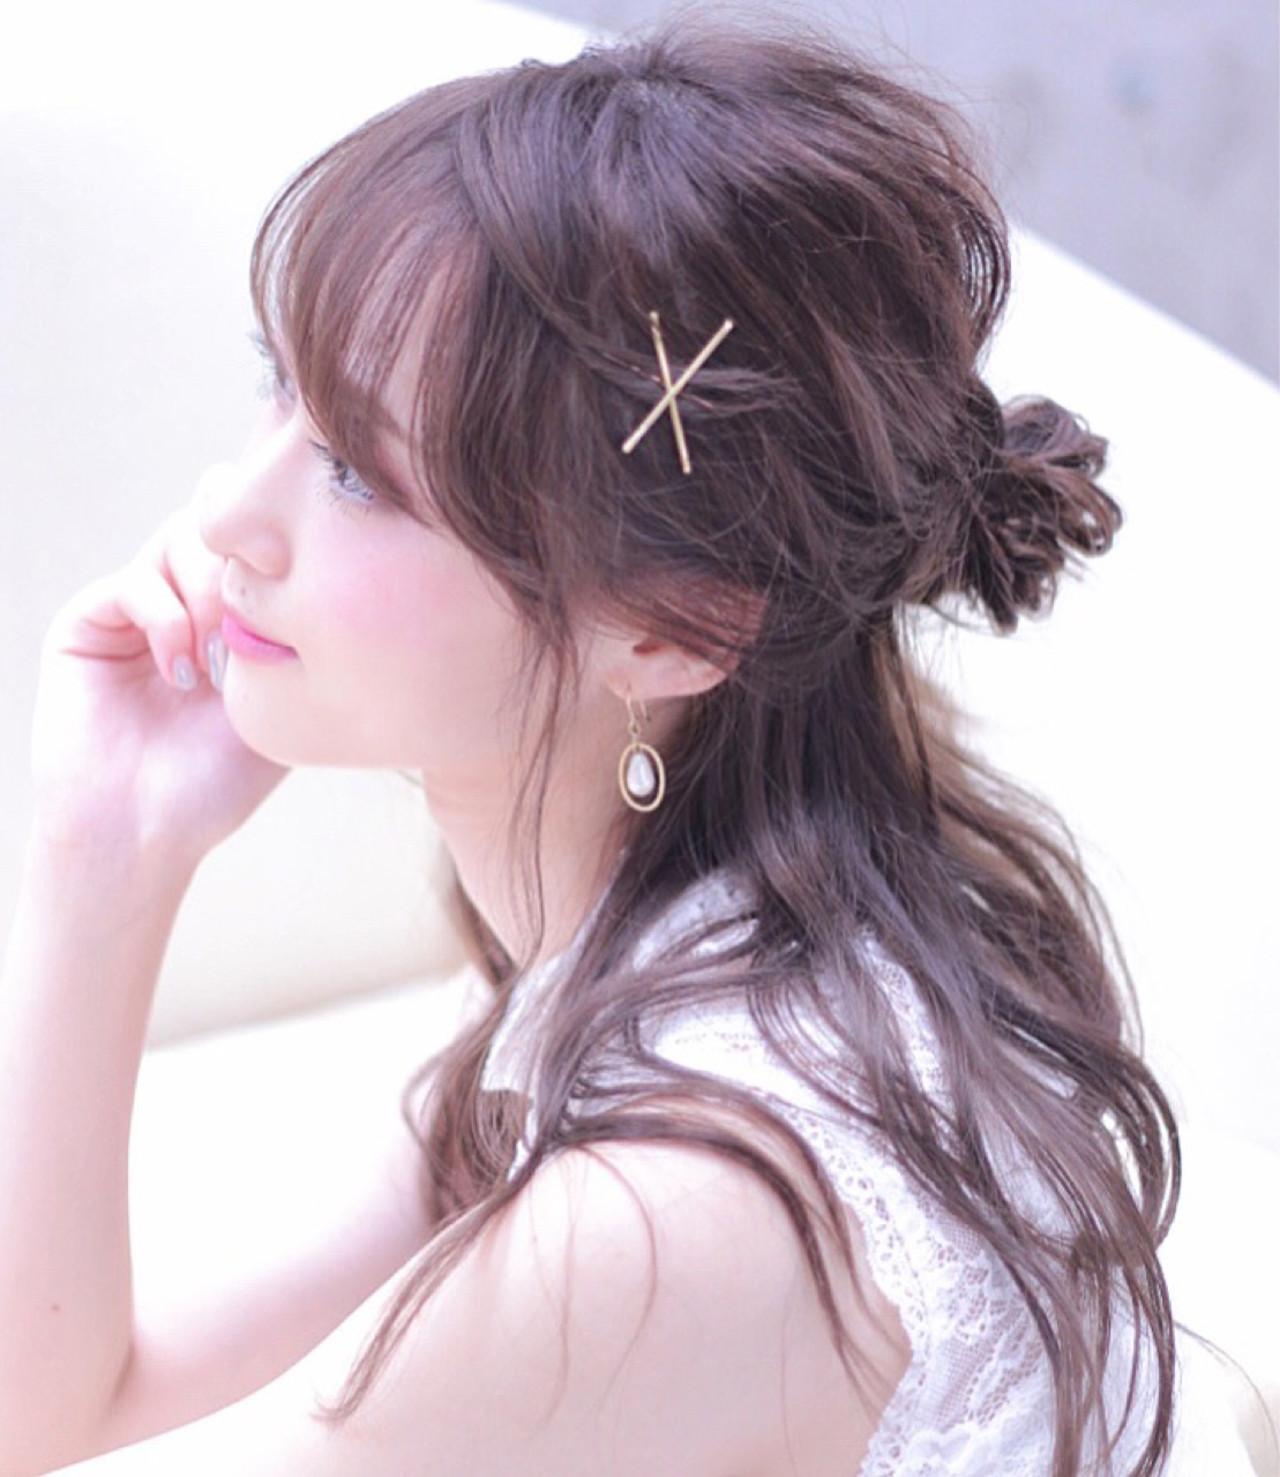 お団子 ハーフアップ フェミニン 女子会 ヘアスタイルや髪型の写真・画像 | Wataru Maeda / cache cache